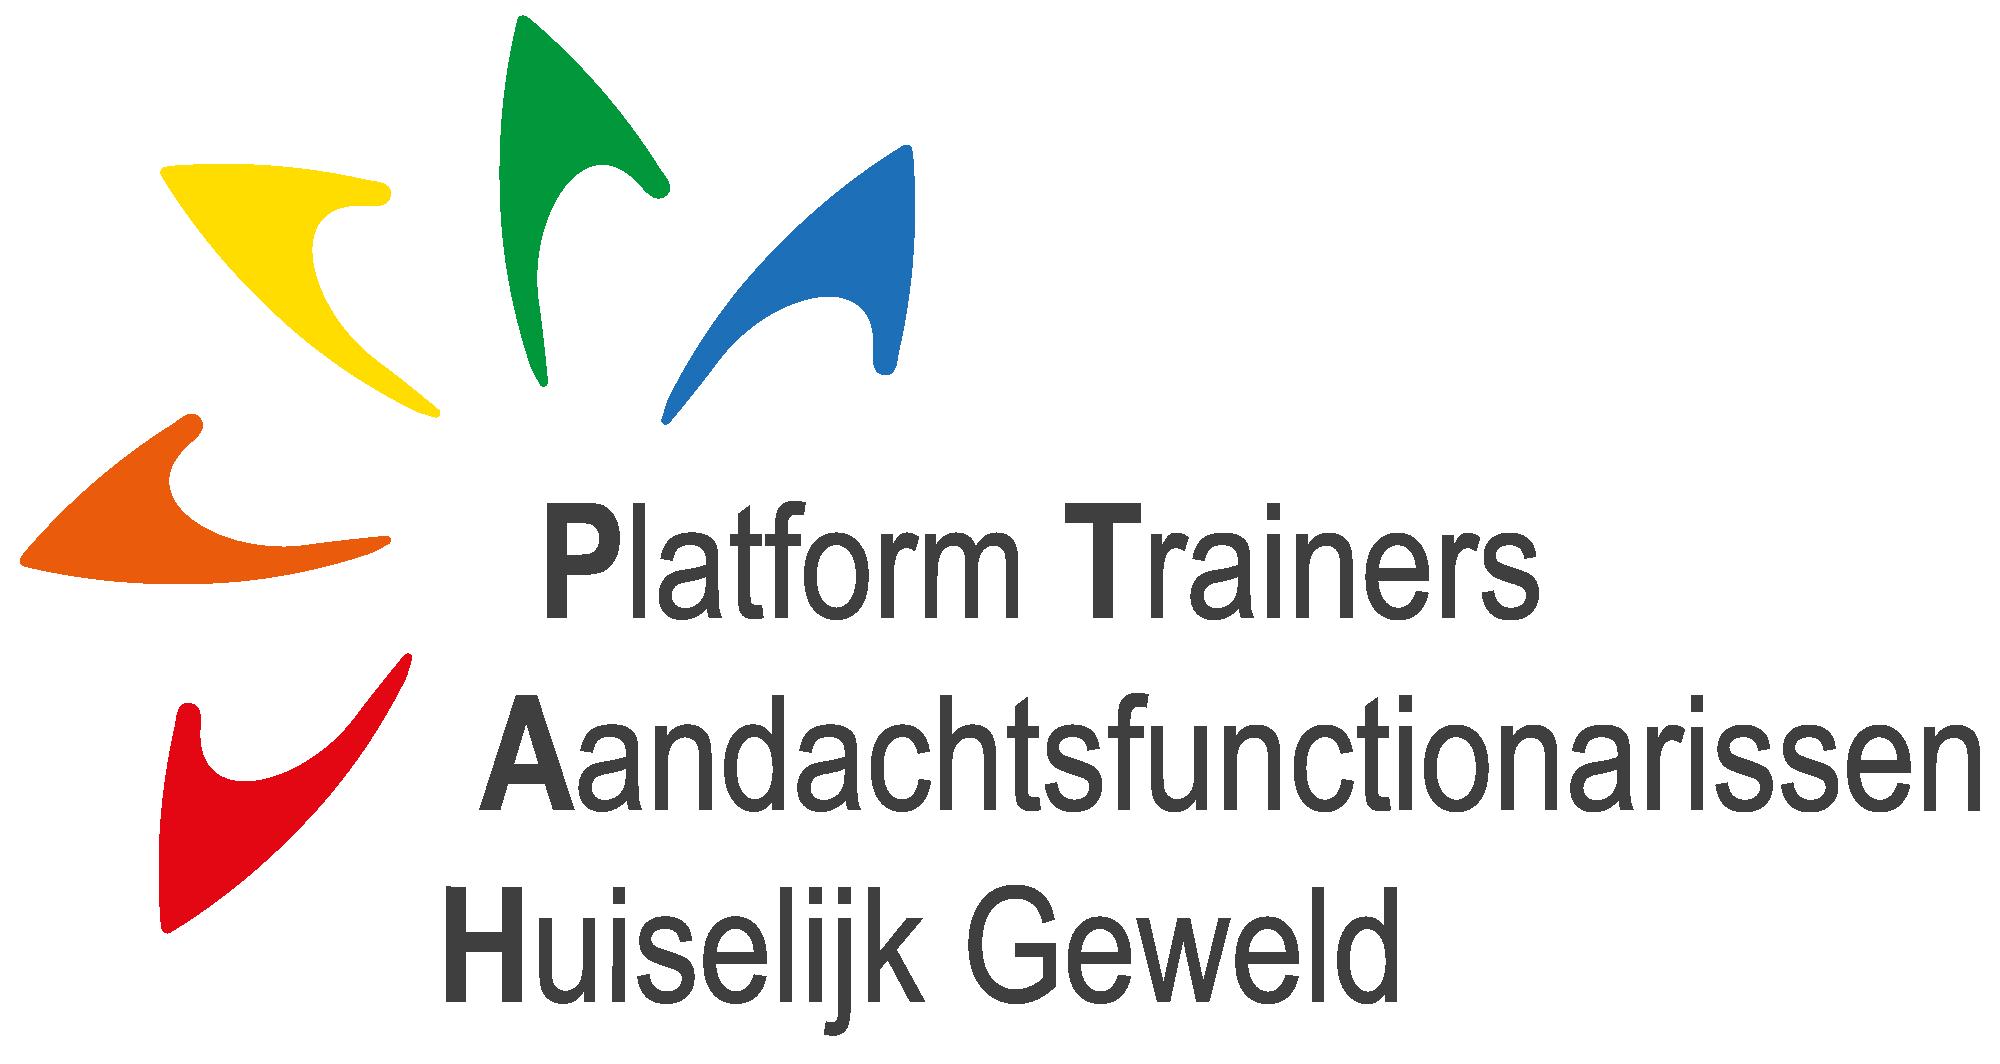 Platform Trainers Aandachtsfunctionarissen